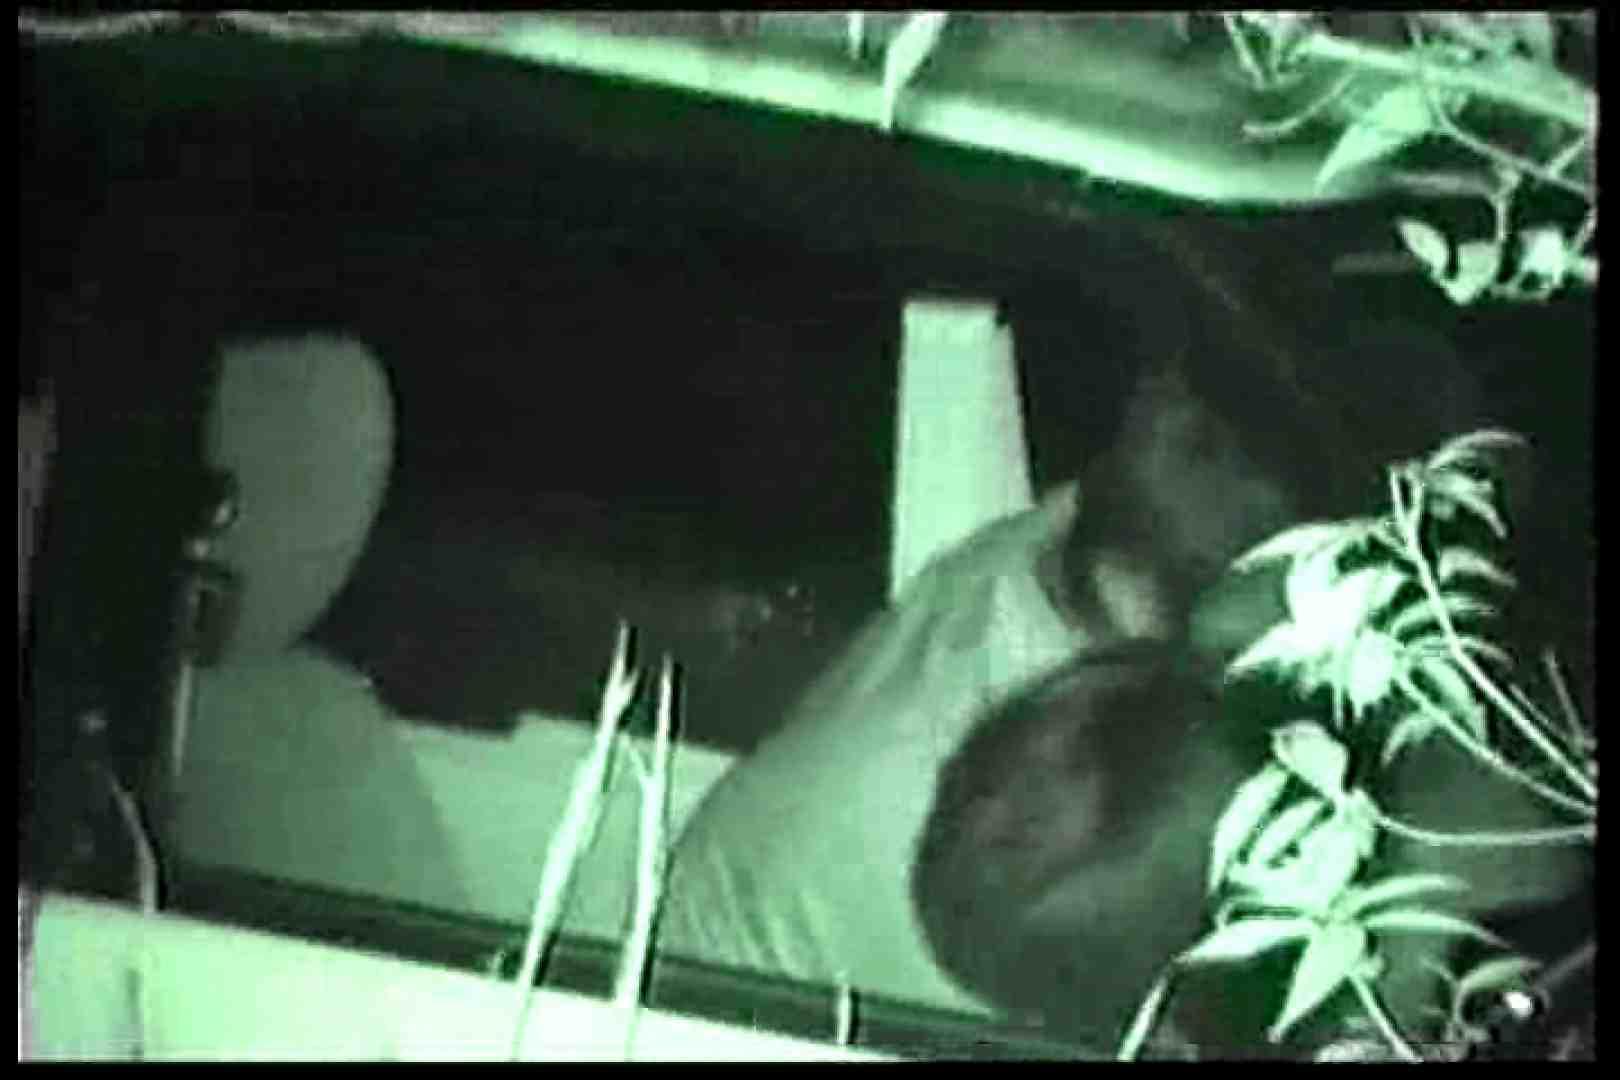 車の中はラブホテル 無修正版  Vol.11 人気シリーズ 盗撮動画紹介 86画像 14